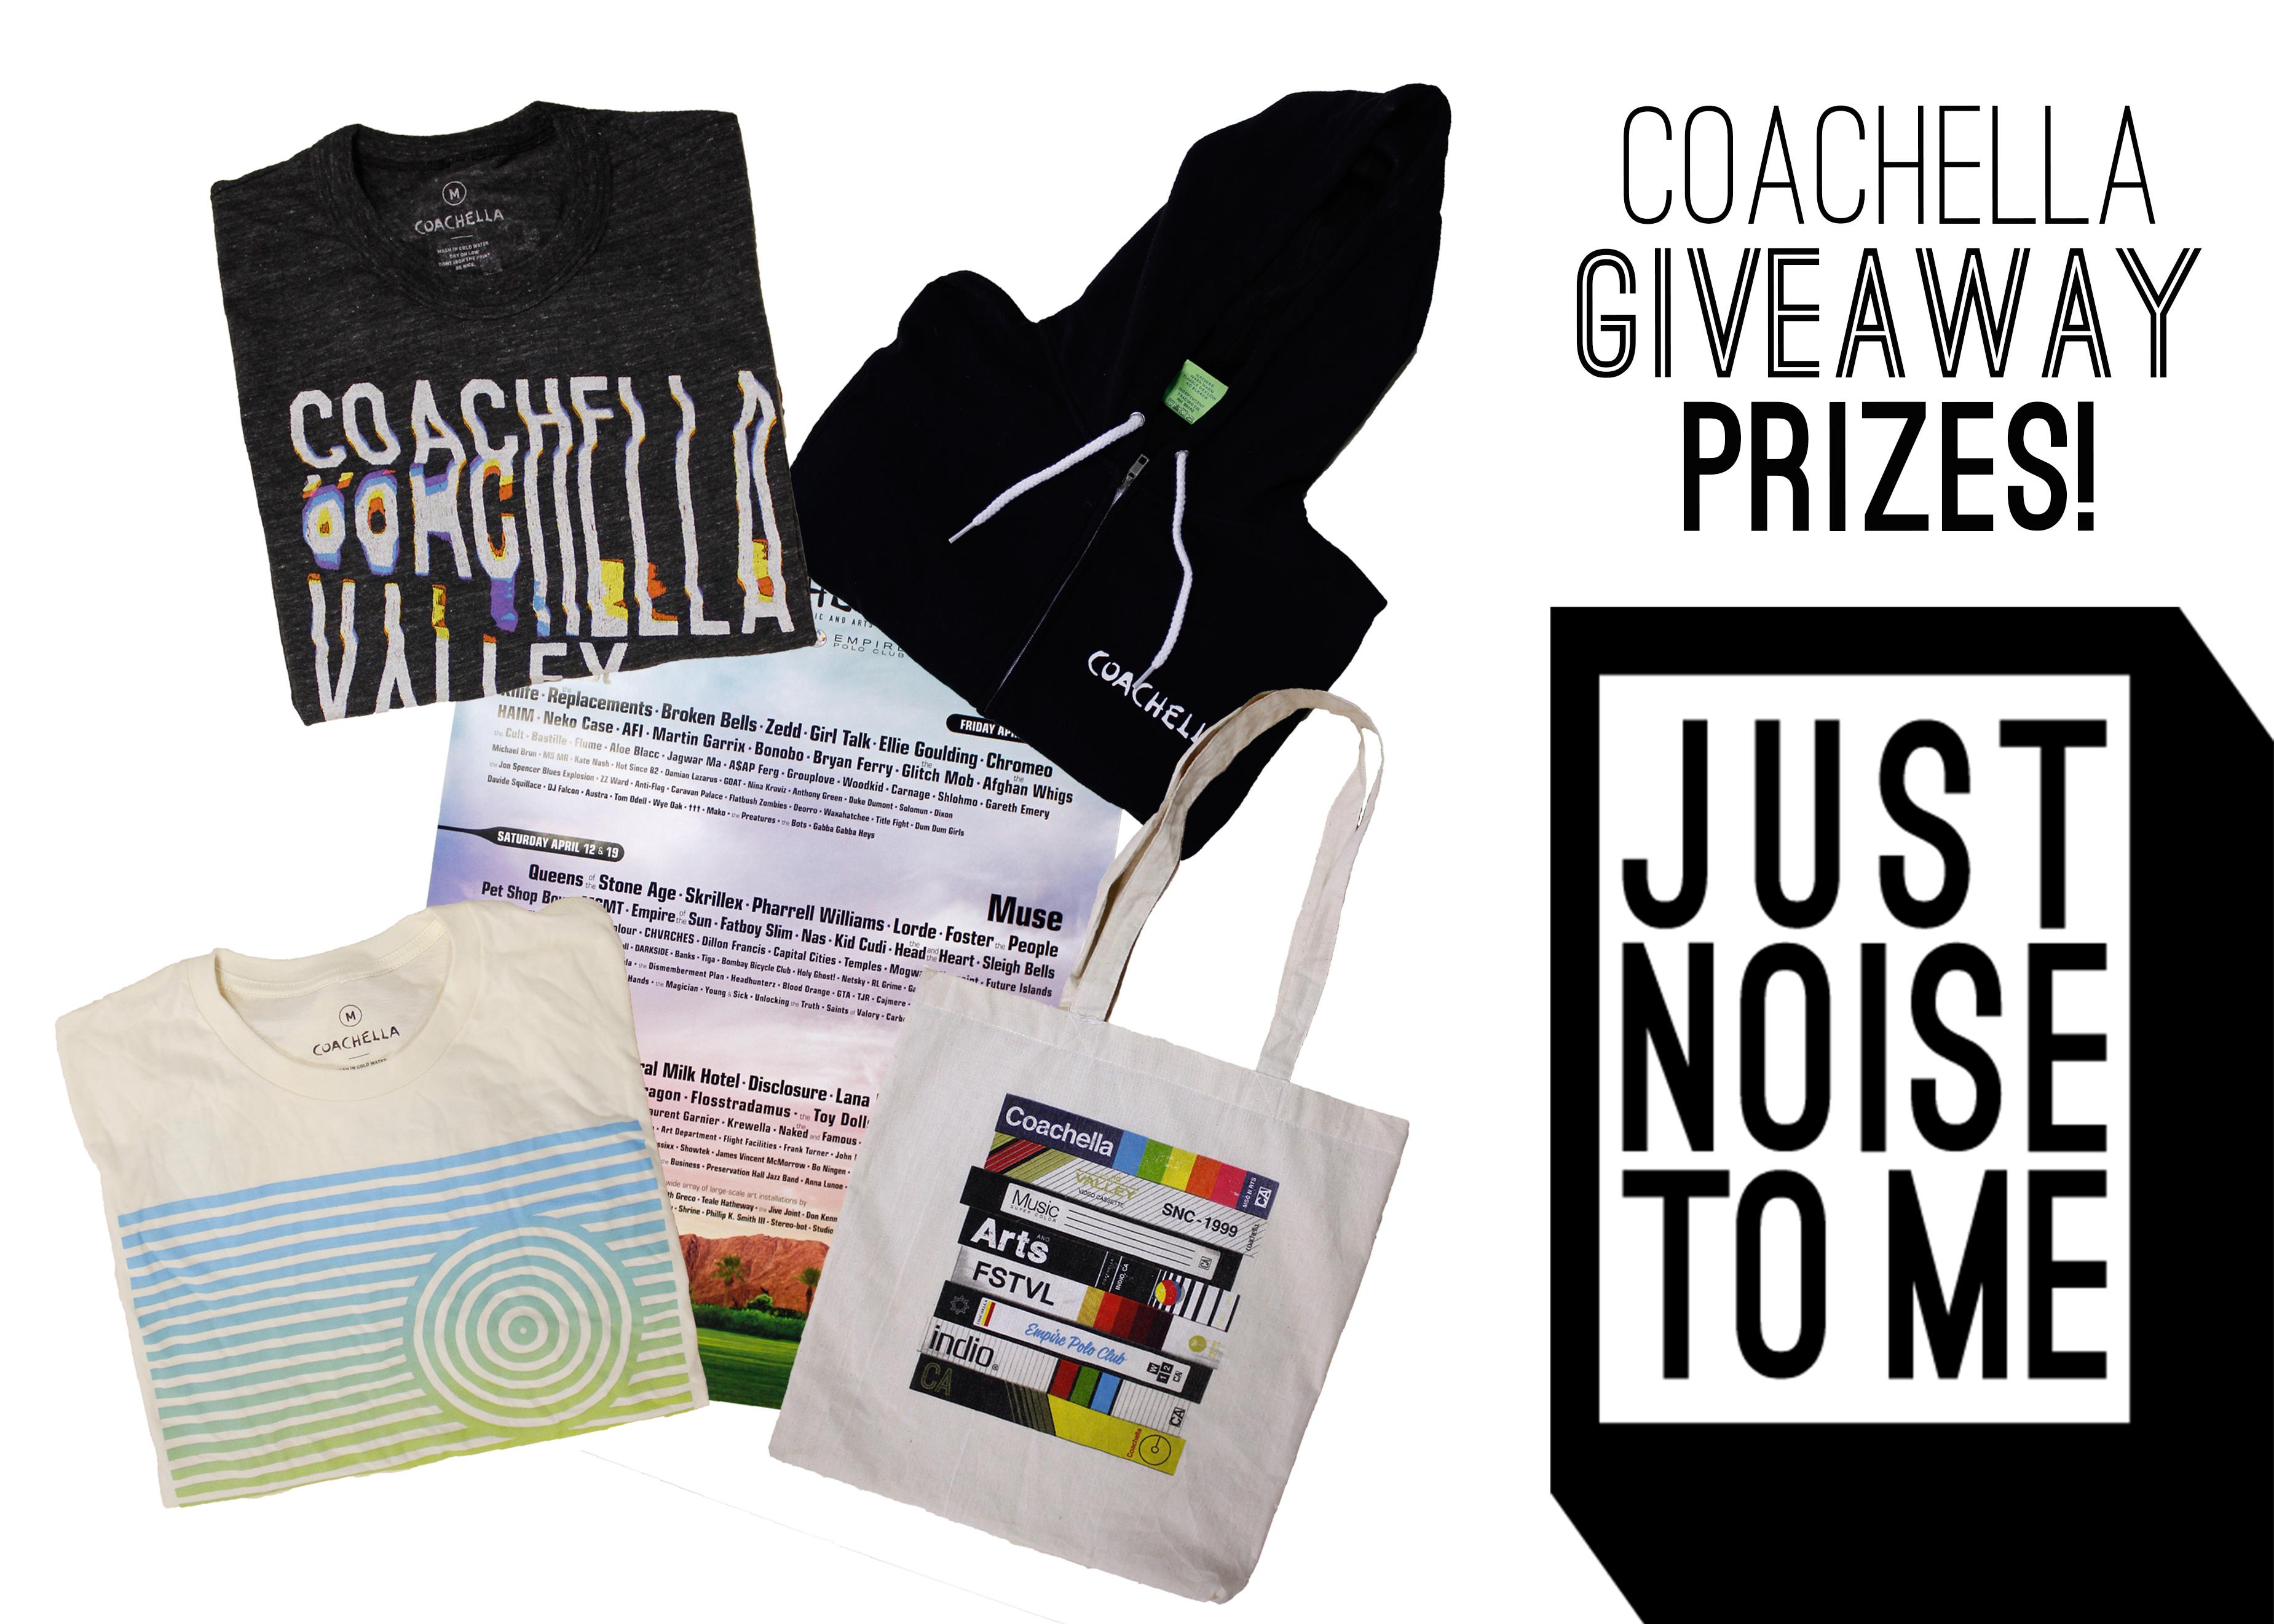 Coachella 2014 Giveaway Prizes